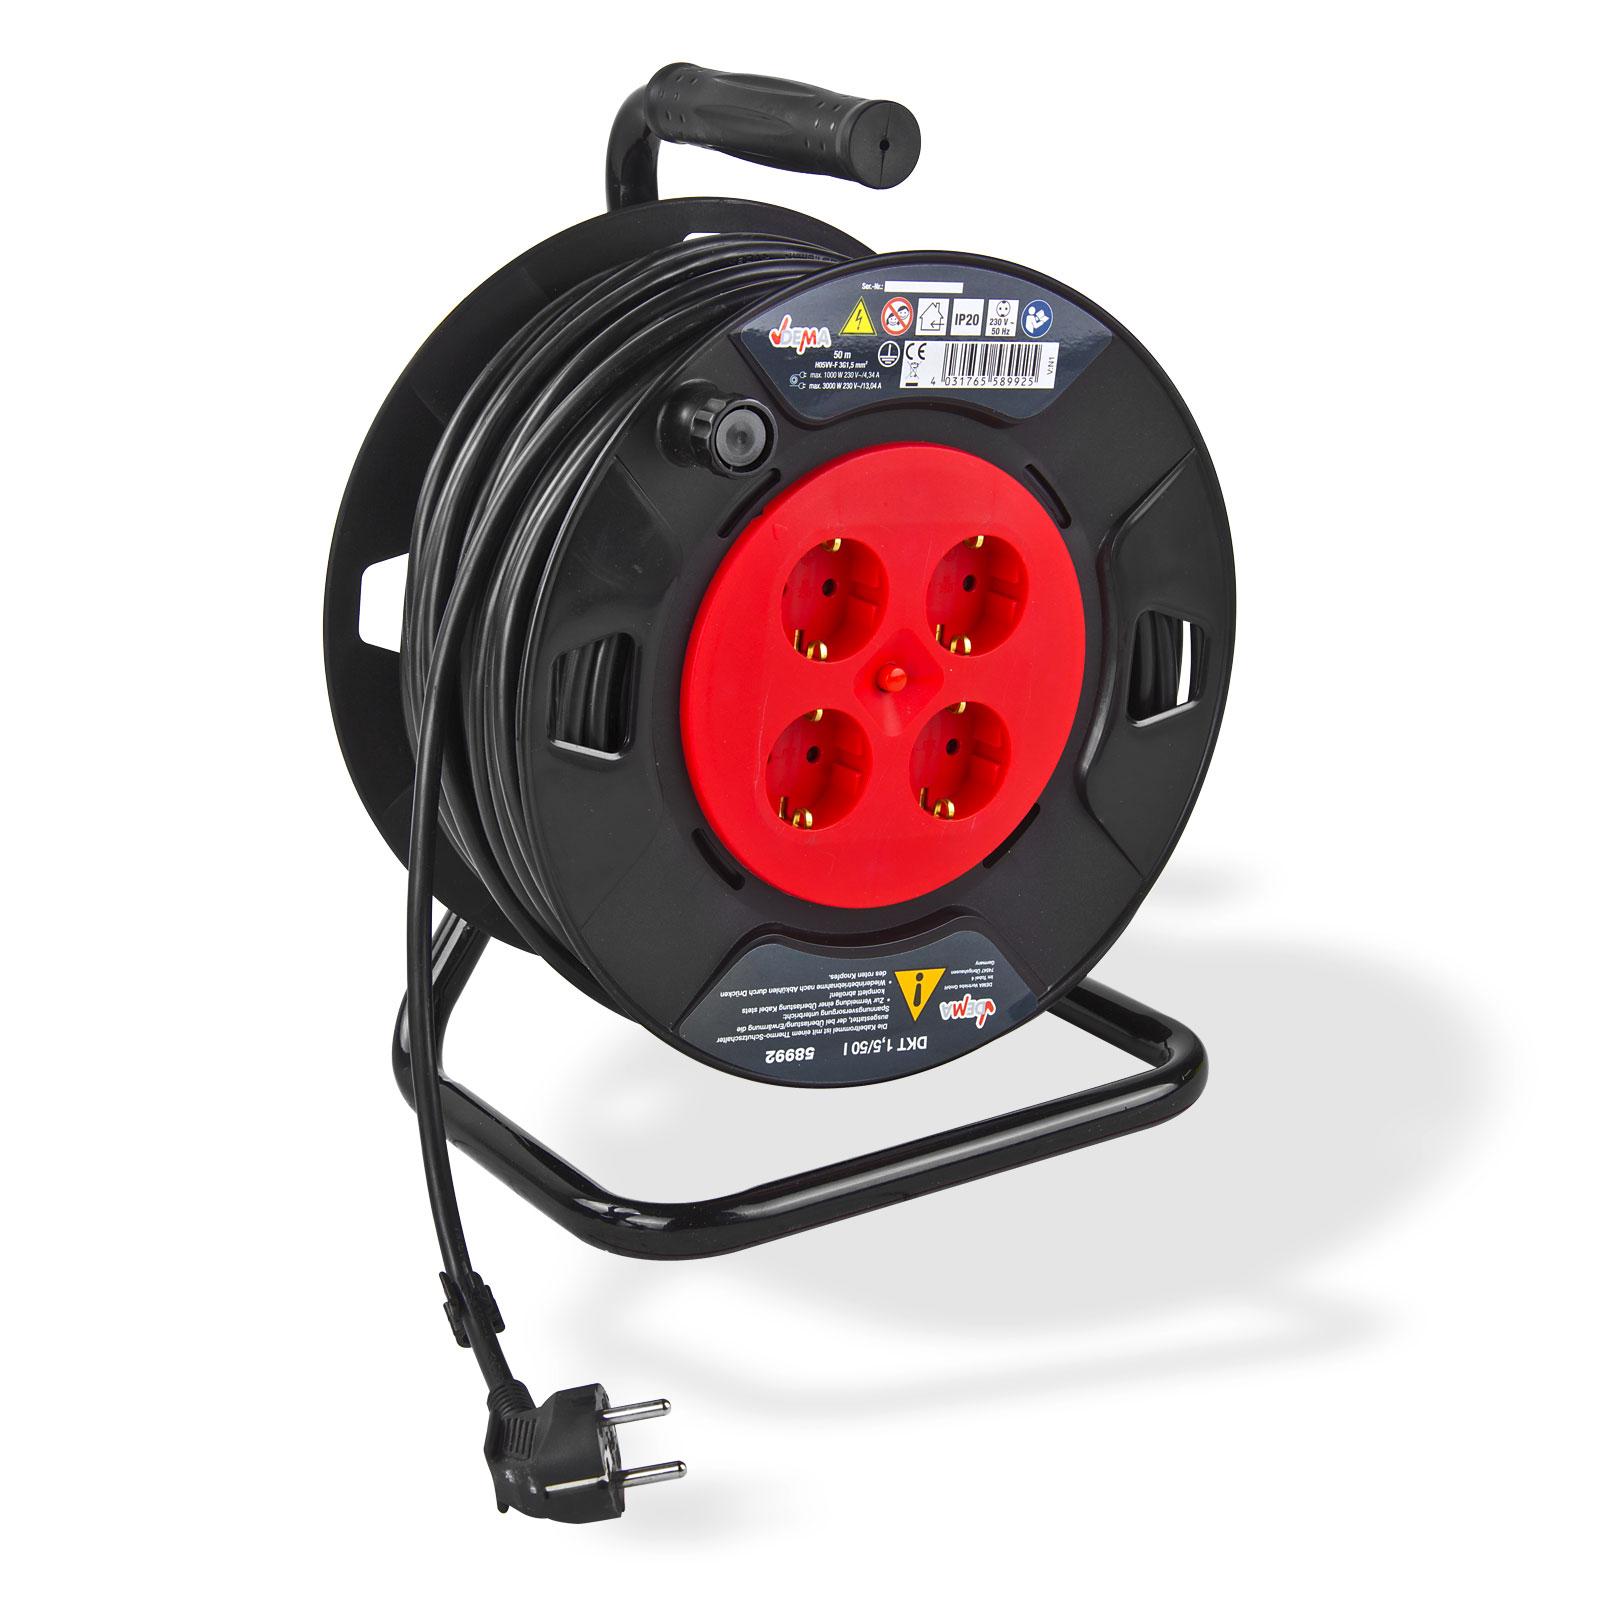 kabeltrommel verl ngerungskabel 50 m h05w f3g1 5m ip20. Black Bedroom Furniture Sets. Home Design Ideas